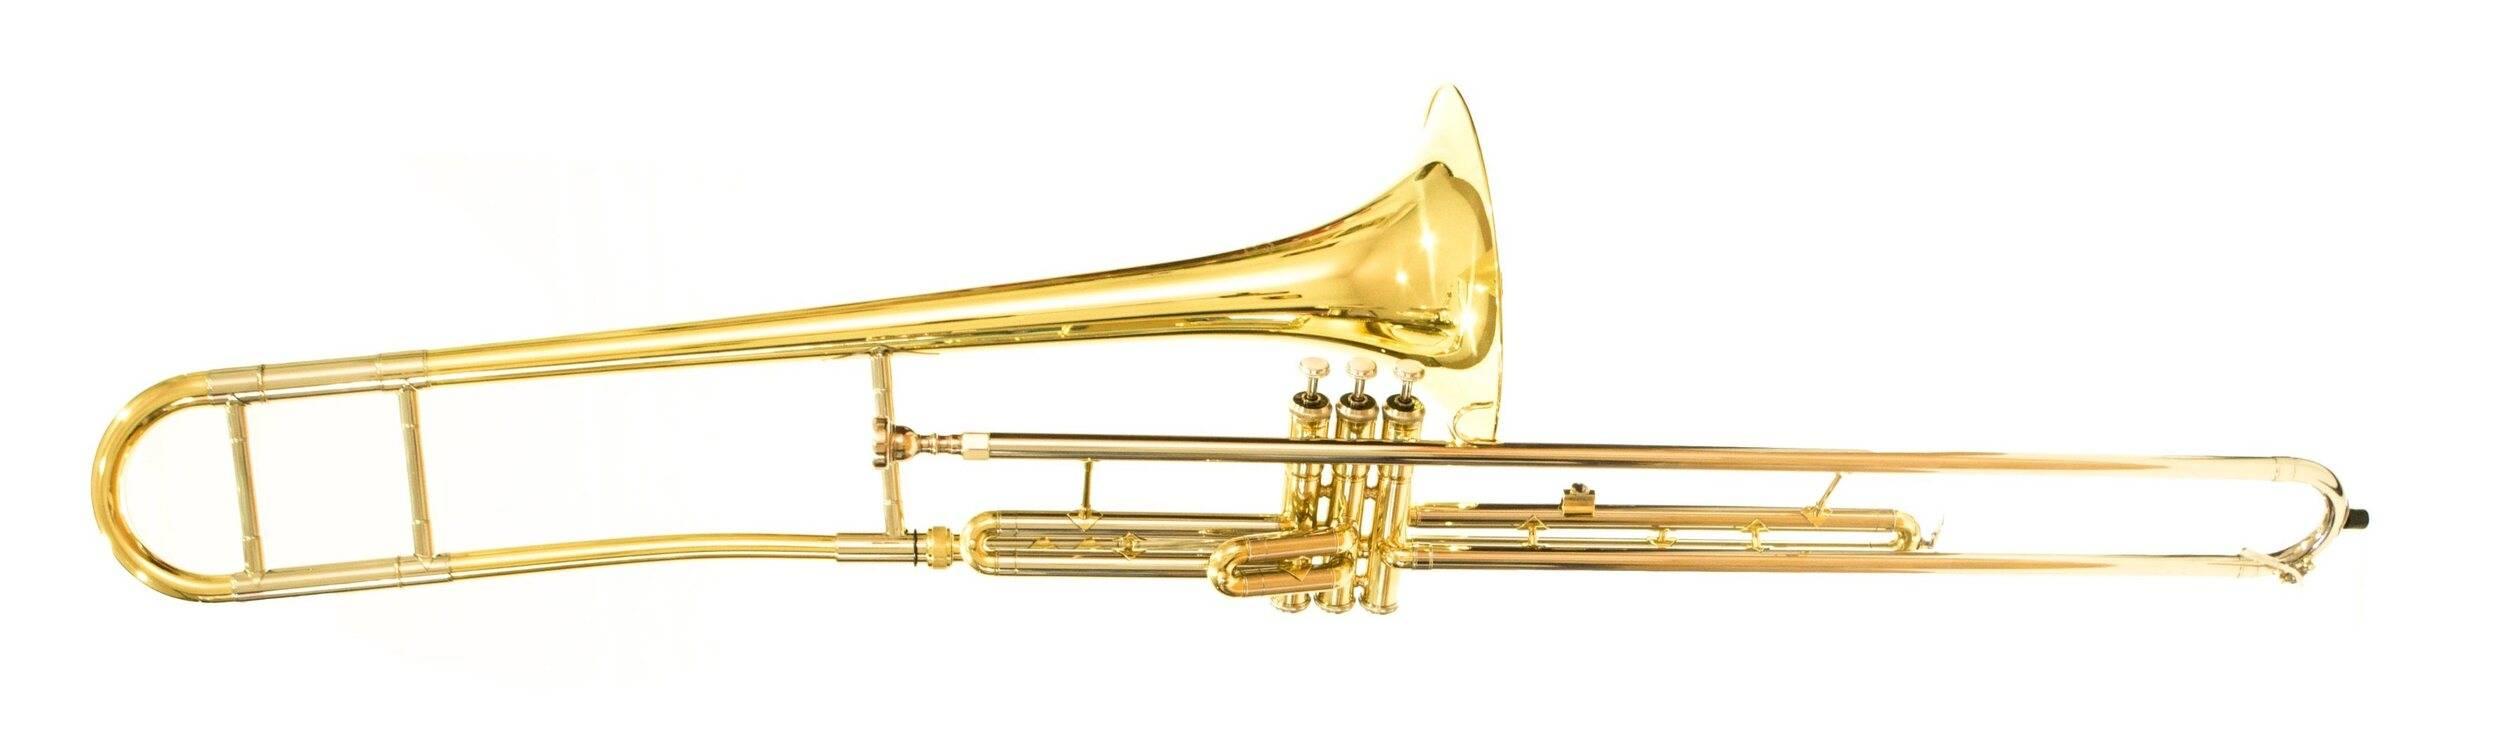 Trombon De Embolos Bach Sib Vt501